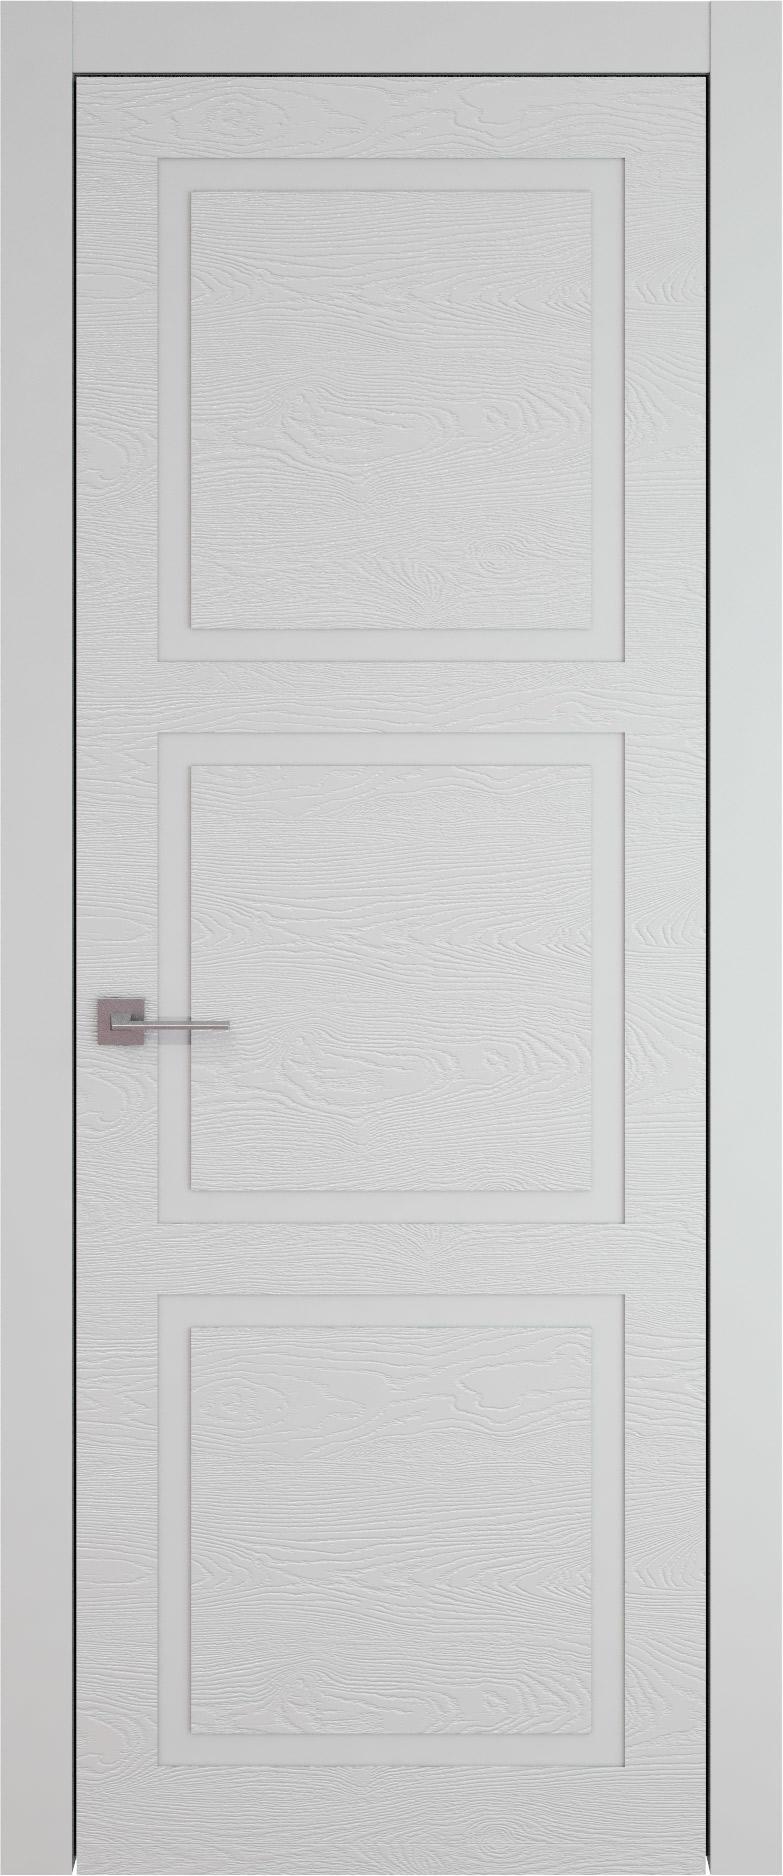 Tivoli Л-5 цвет - Серая эмаль по шпону (RAL 7047) Без стекла (ДГ)